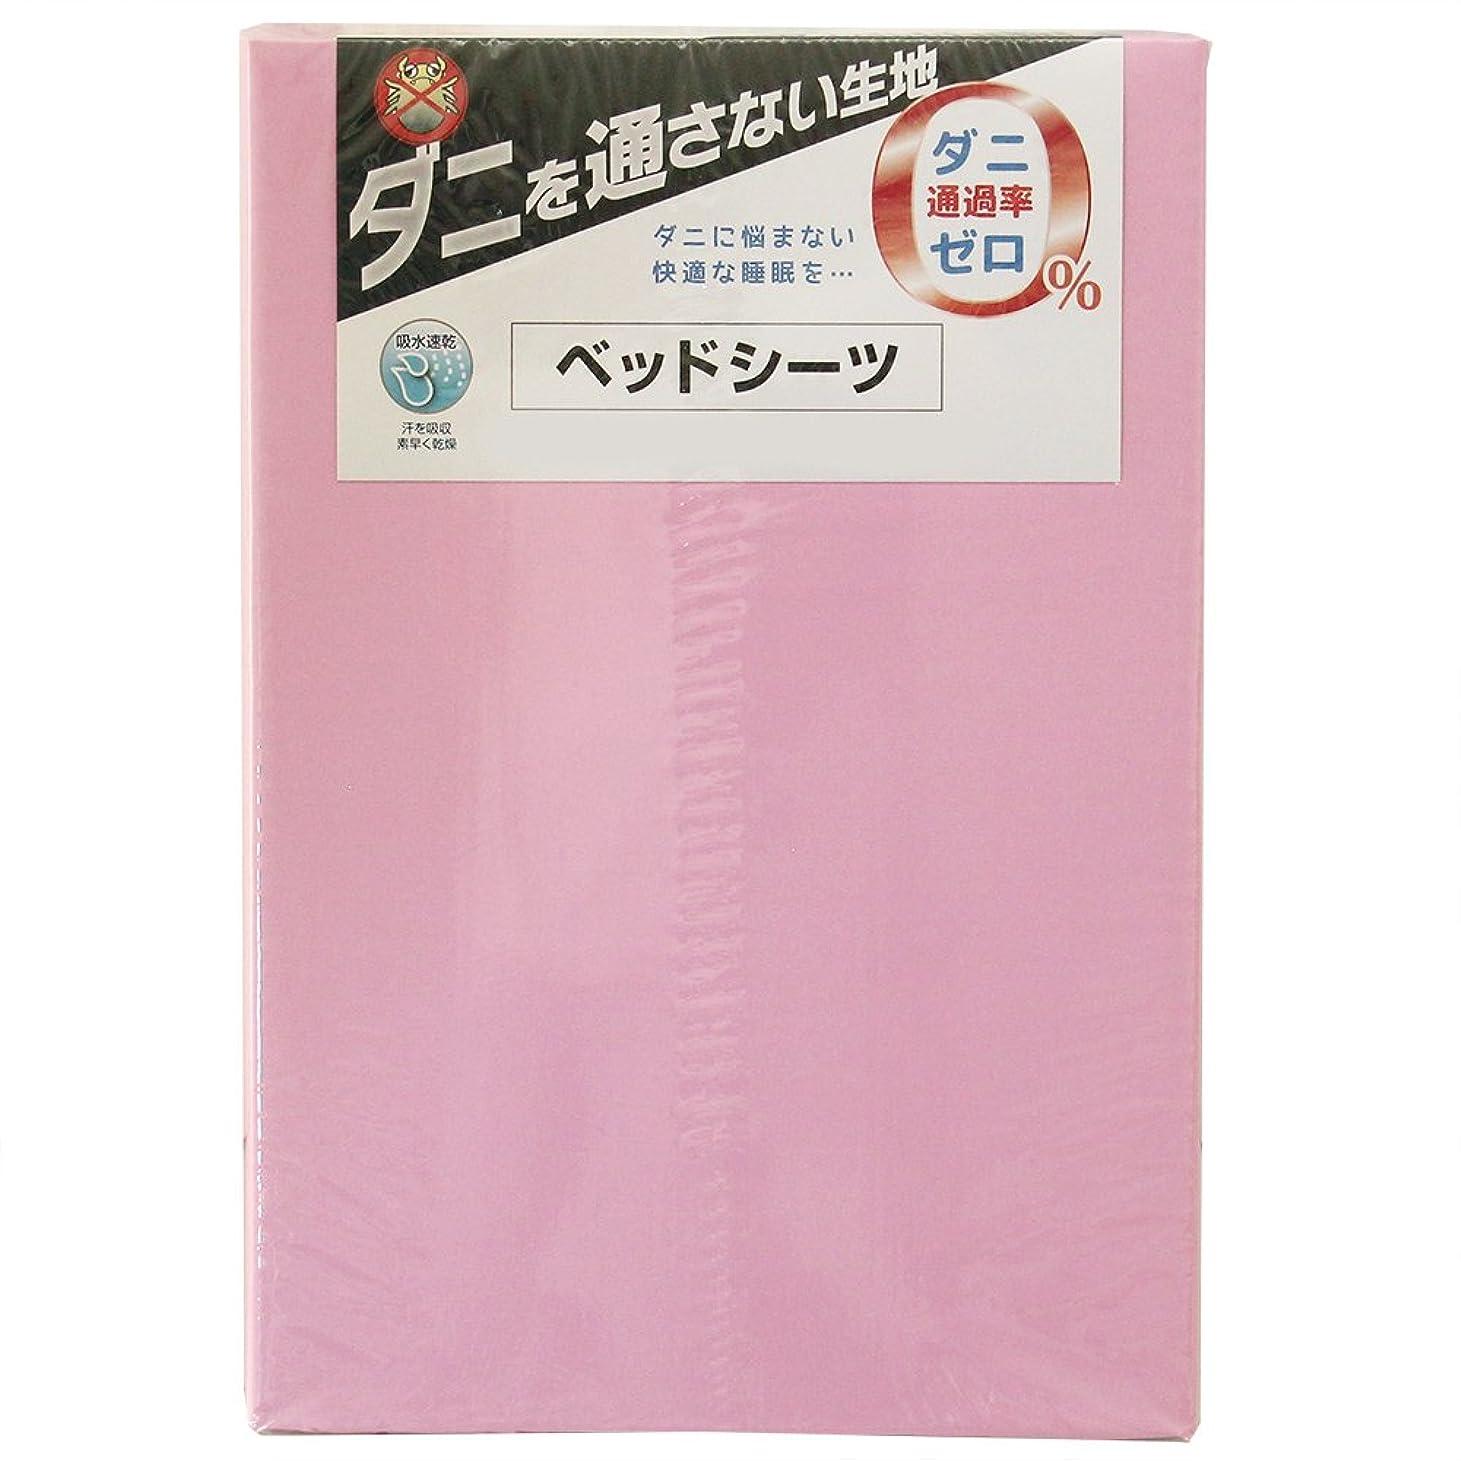 アラスカ雇用者好きリビングプランニング ボックスシーツ ピンク 防ダニ 花粉対策 アレルギー対策